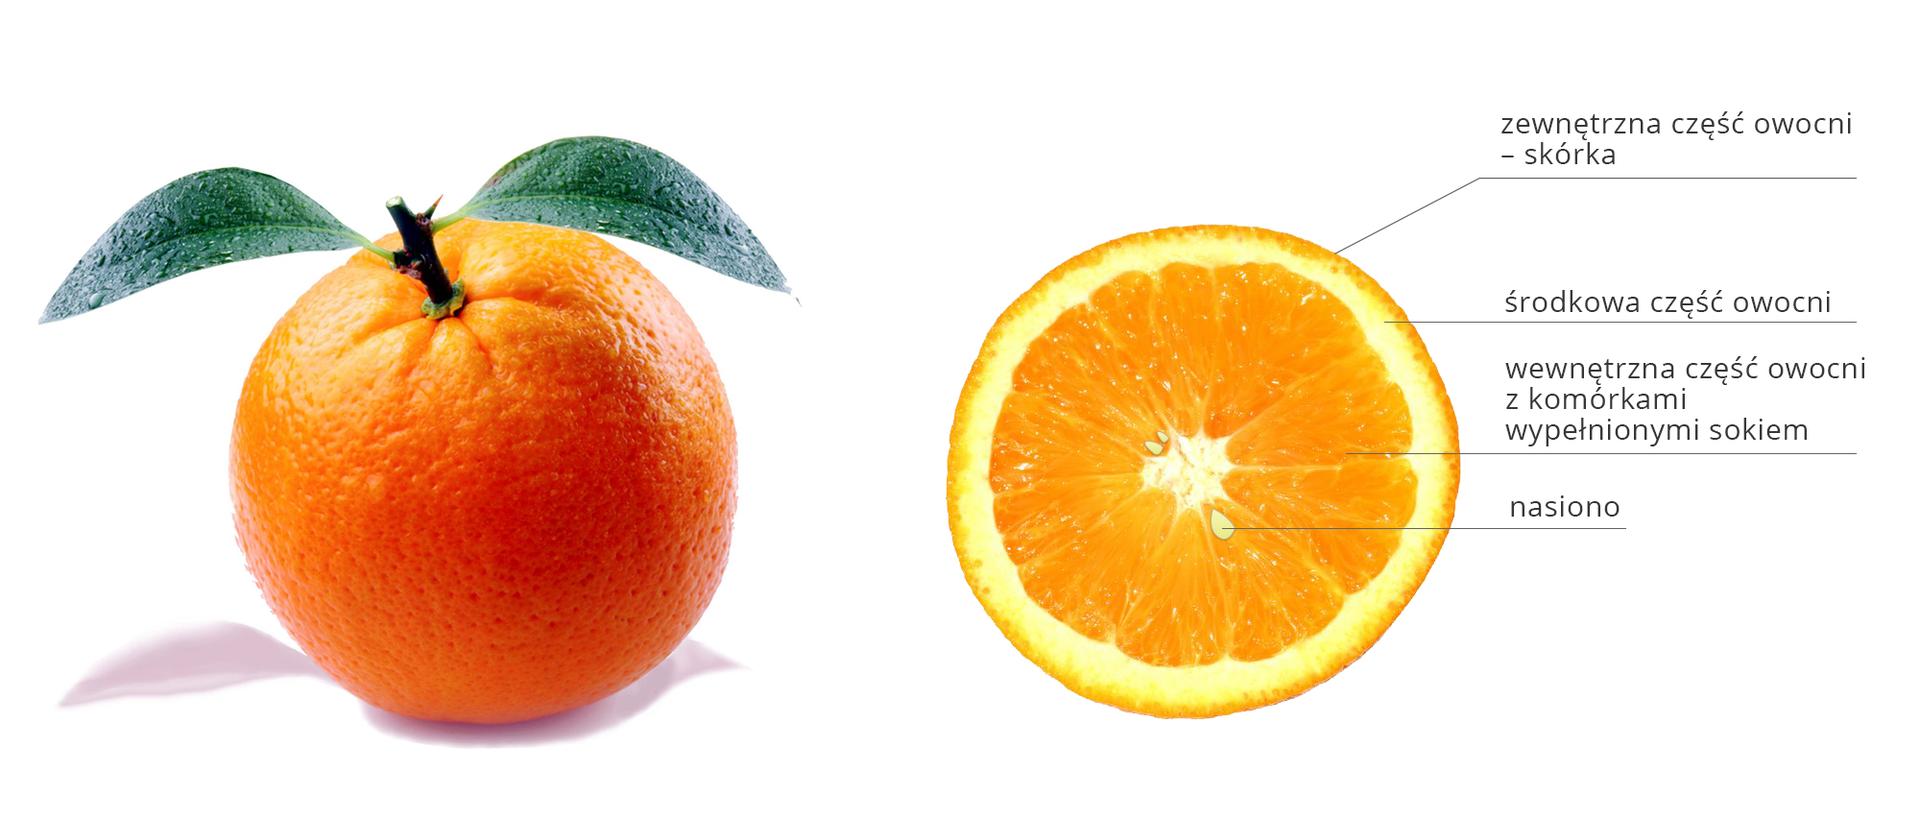 Fotografia przedstawia dwie pomarańcze: całą, zliśćmi iprzepołowioną wpoprzek. Części przekrojonej pomarańczy są odpowiednio podpisane.